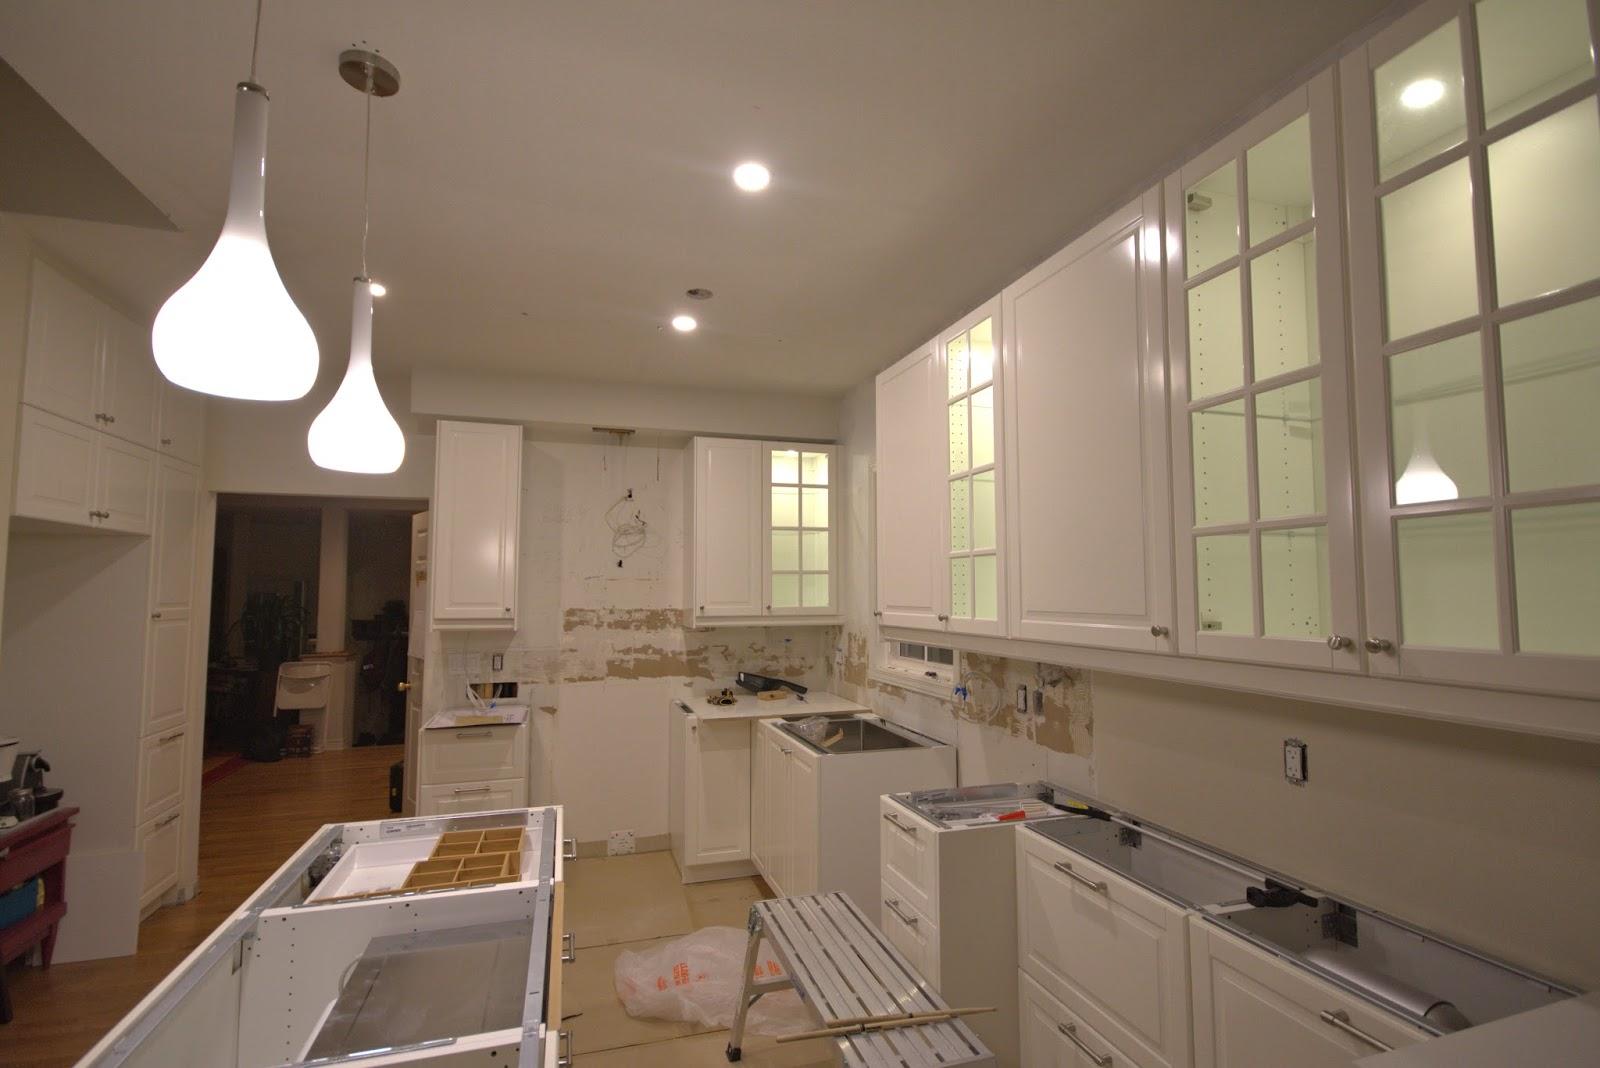 Kitchen Puck Lights